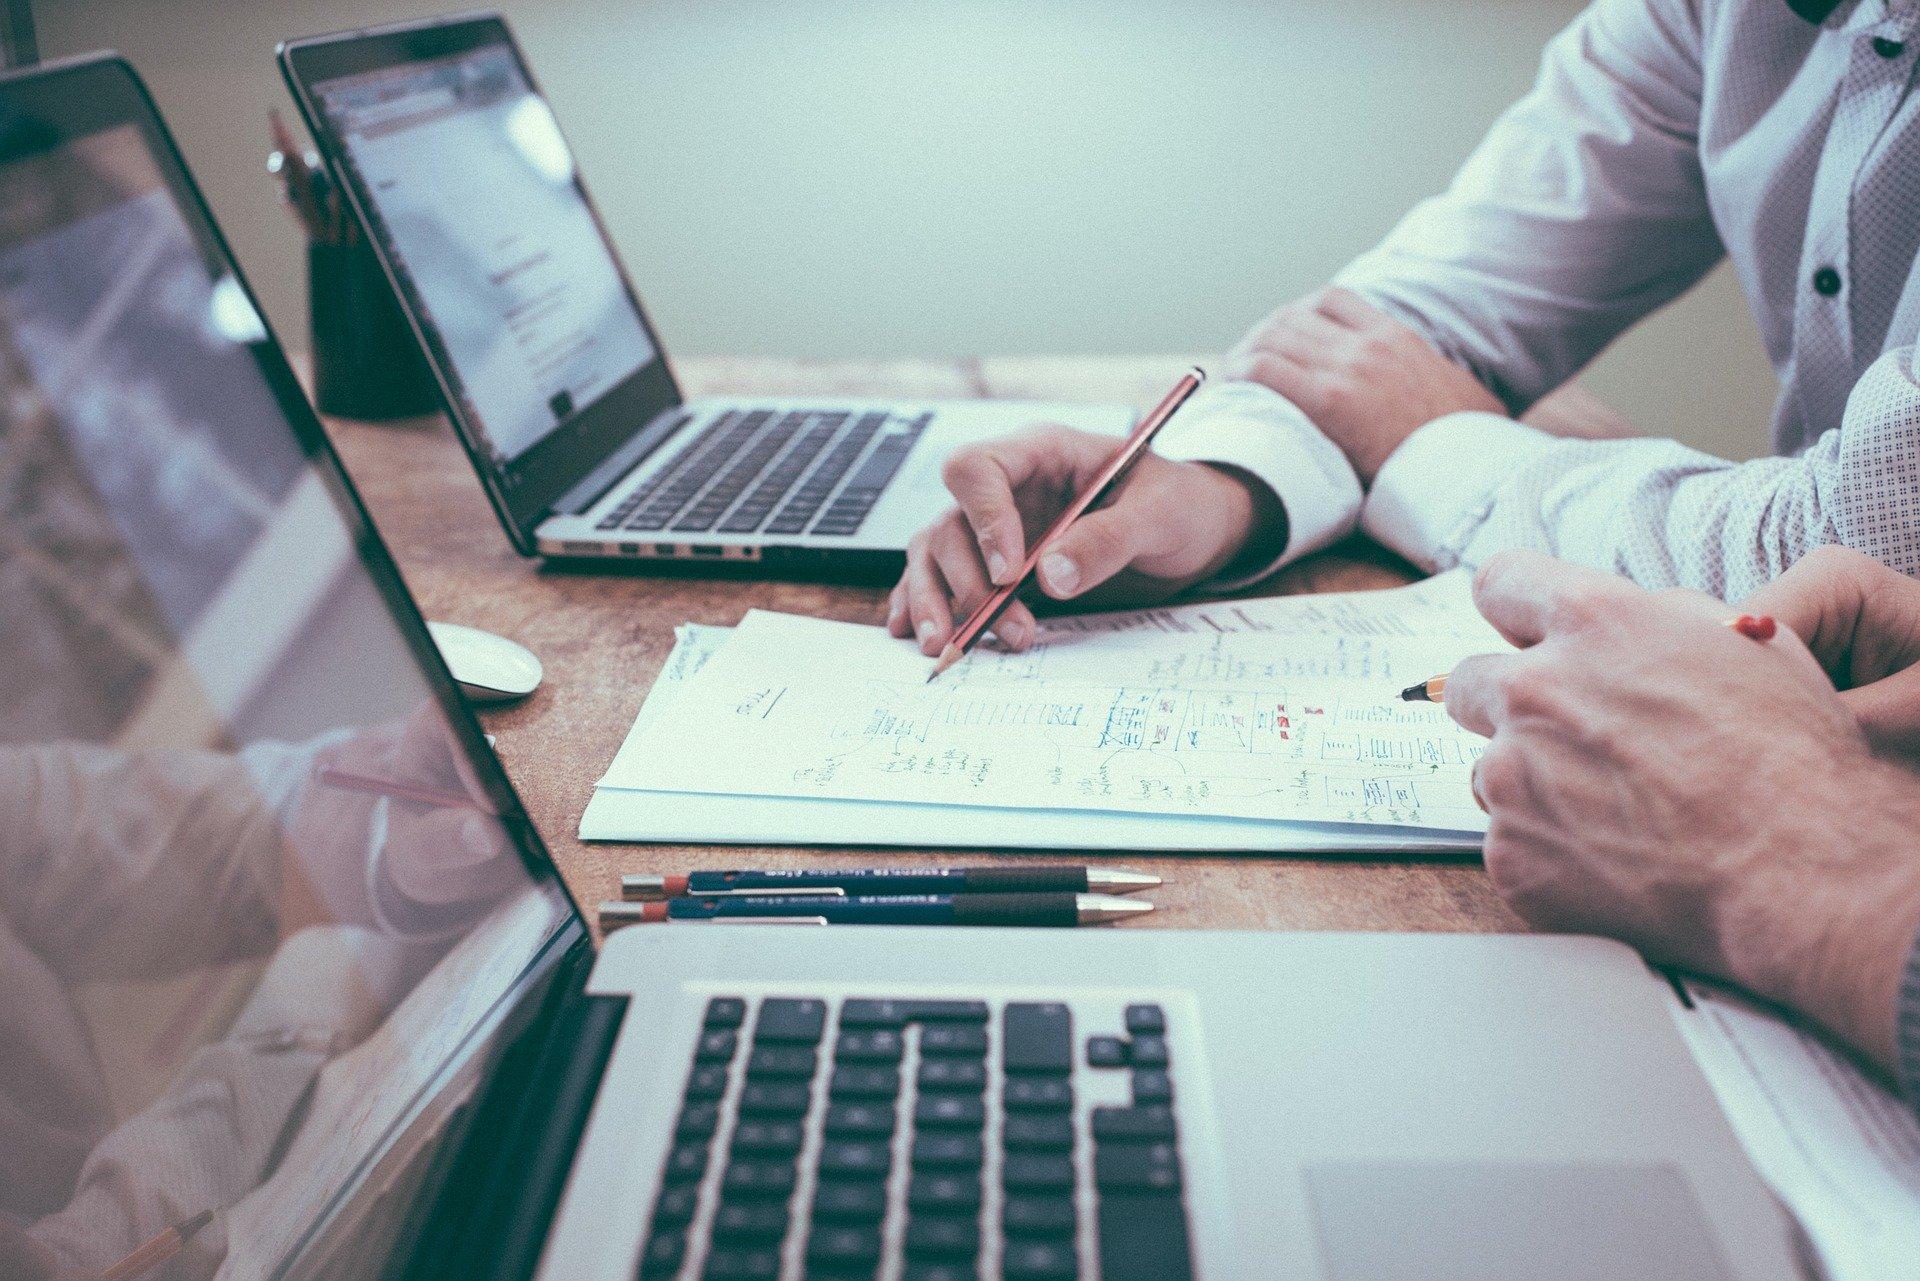 Conoce cómo Dux Analytics puede ayudar a tu emprendimiento con el análisis de datos imagen